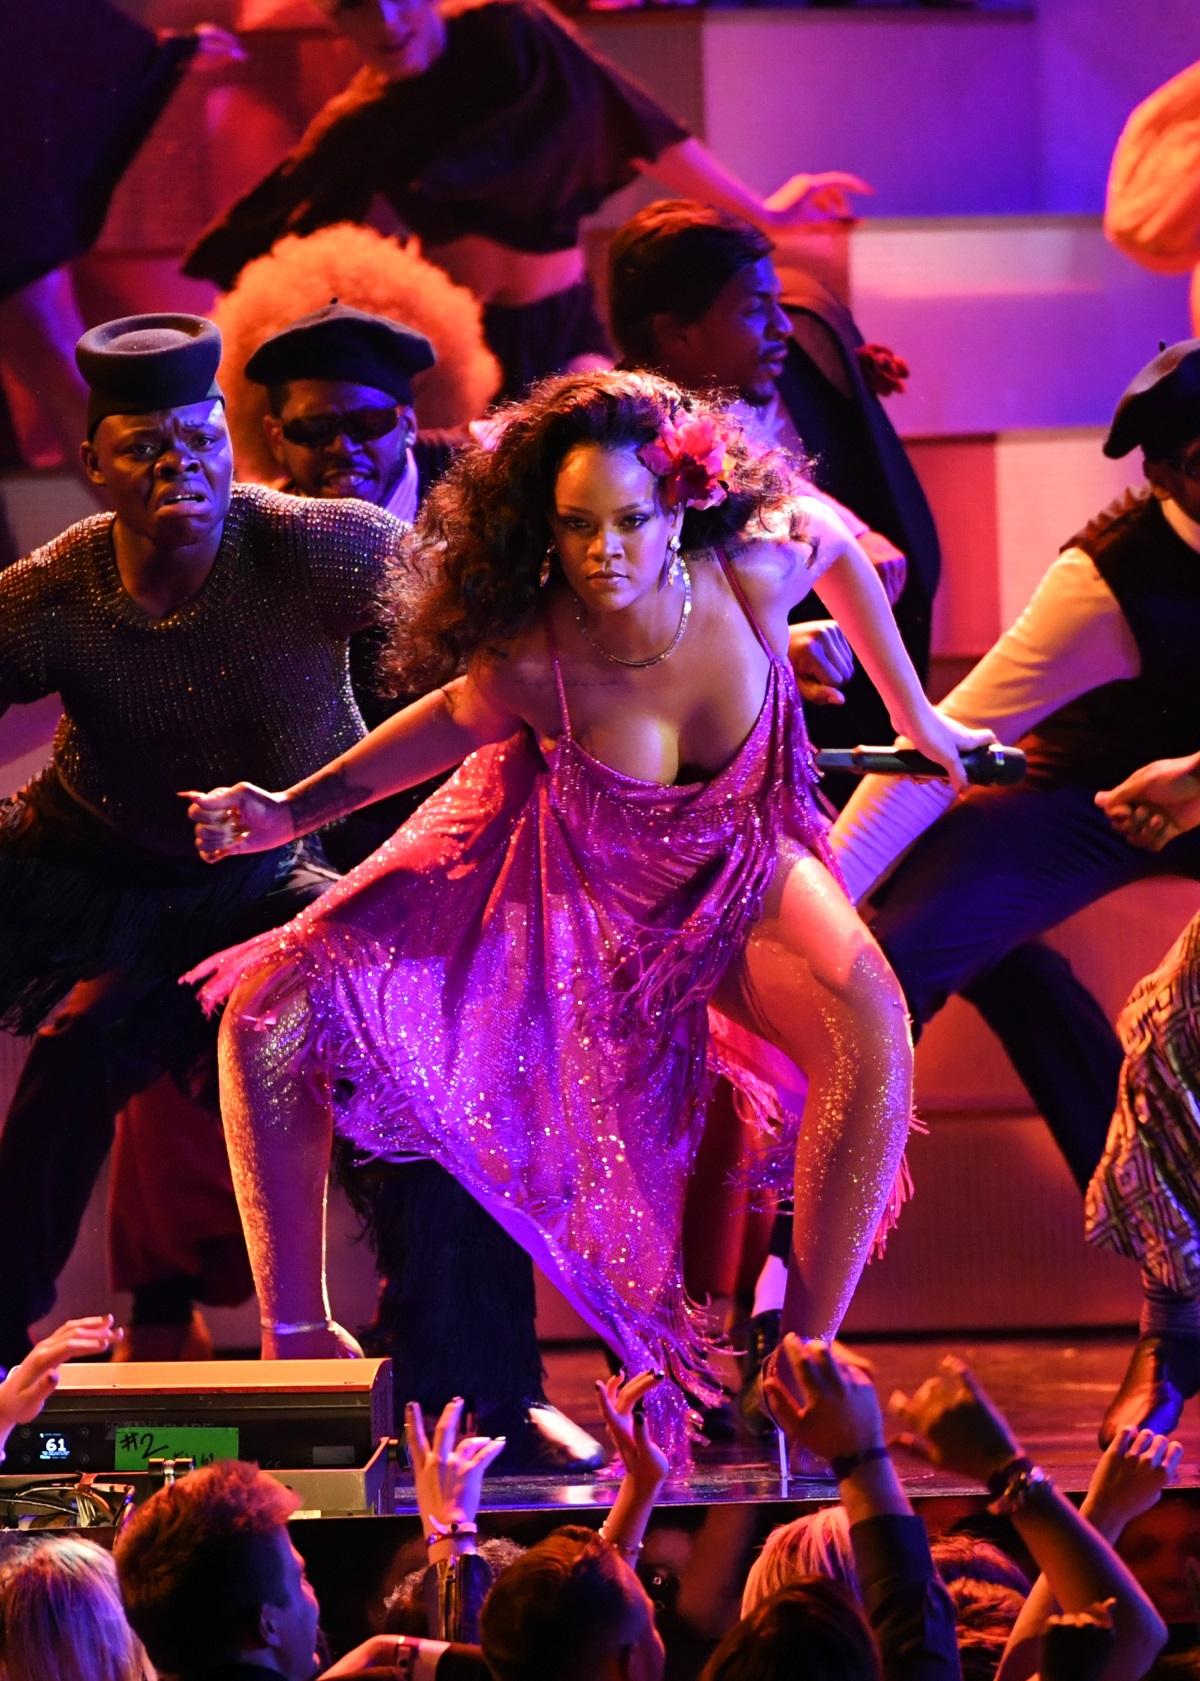 За изпълнението си на сцената Риана бе като истинска дива с рокля в розово, която на моменти едва удържаше да не падне.